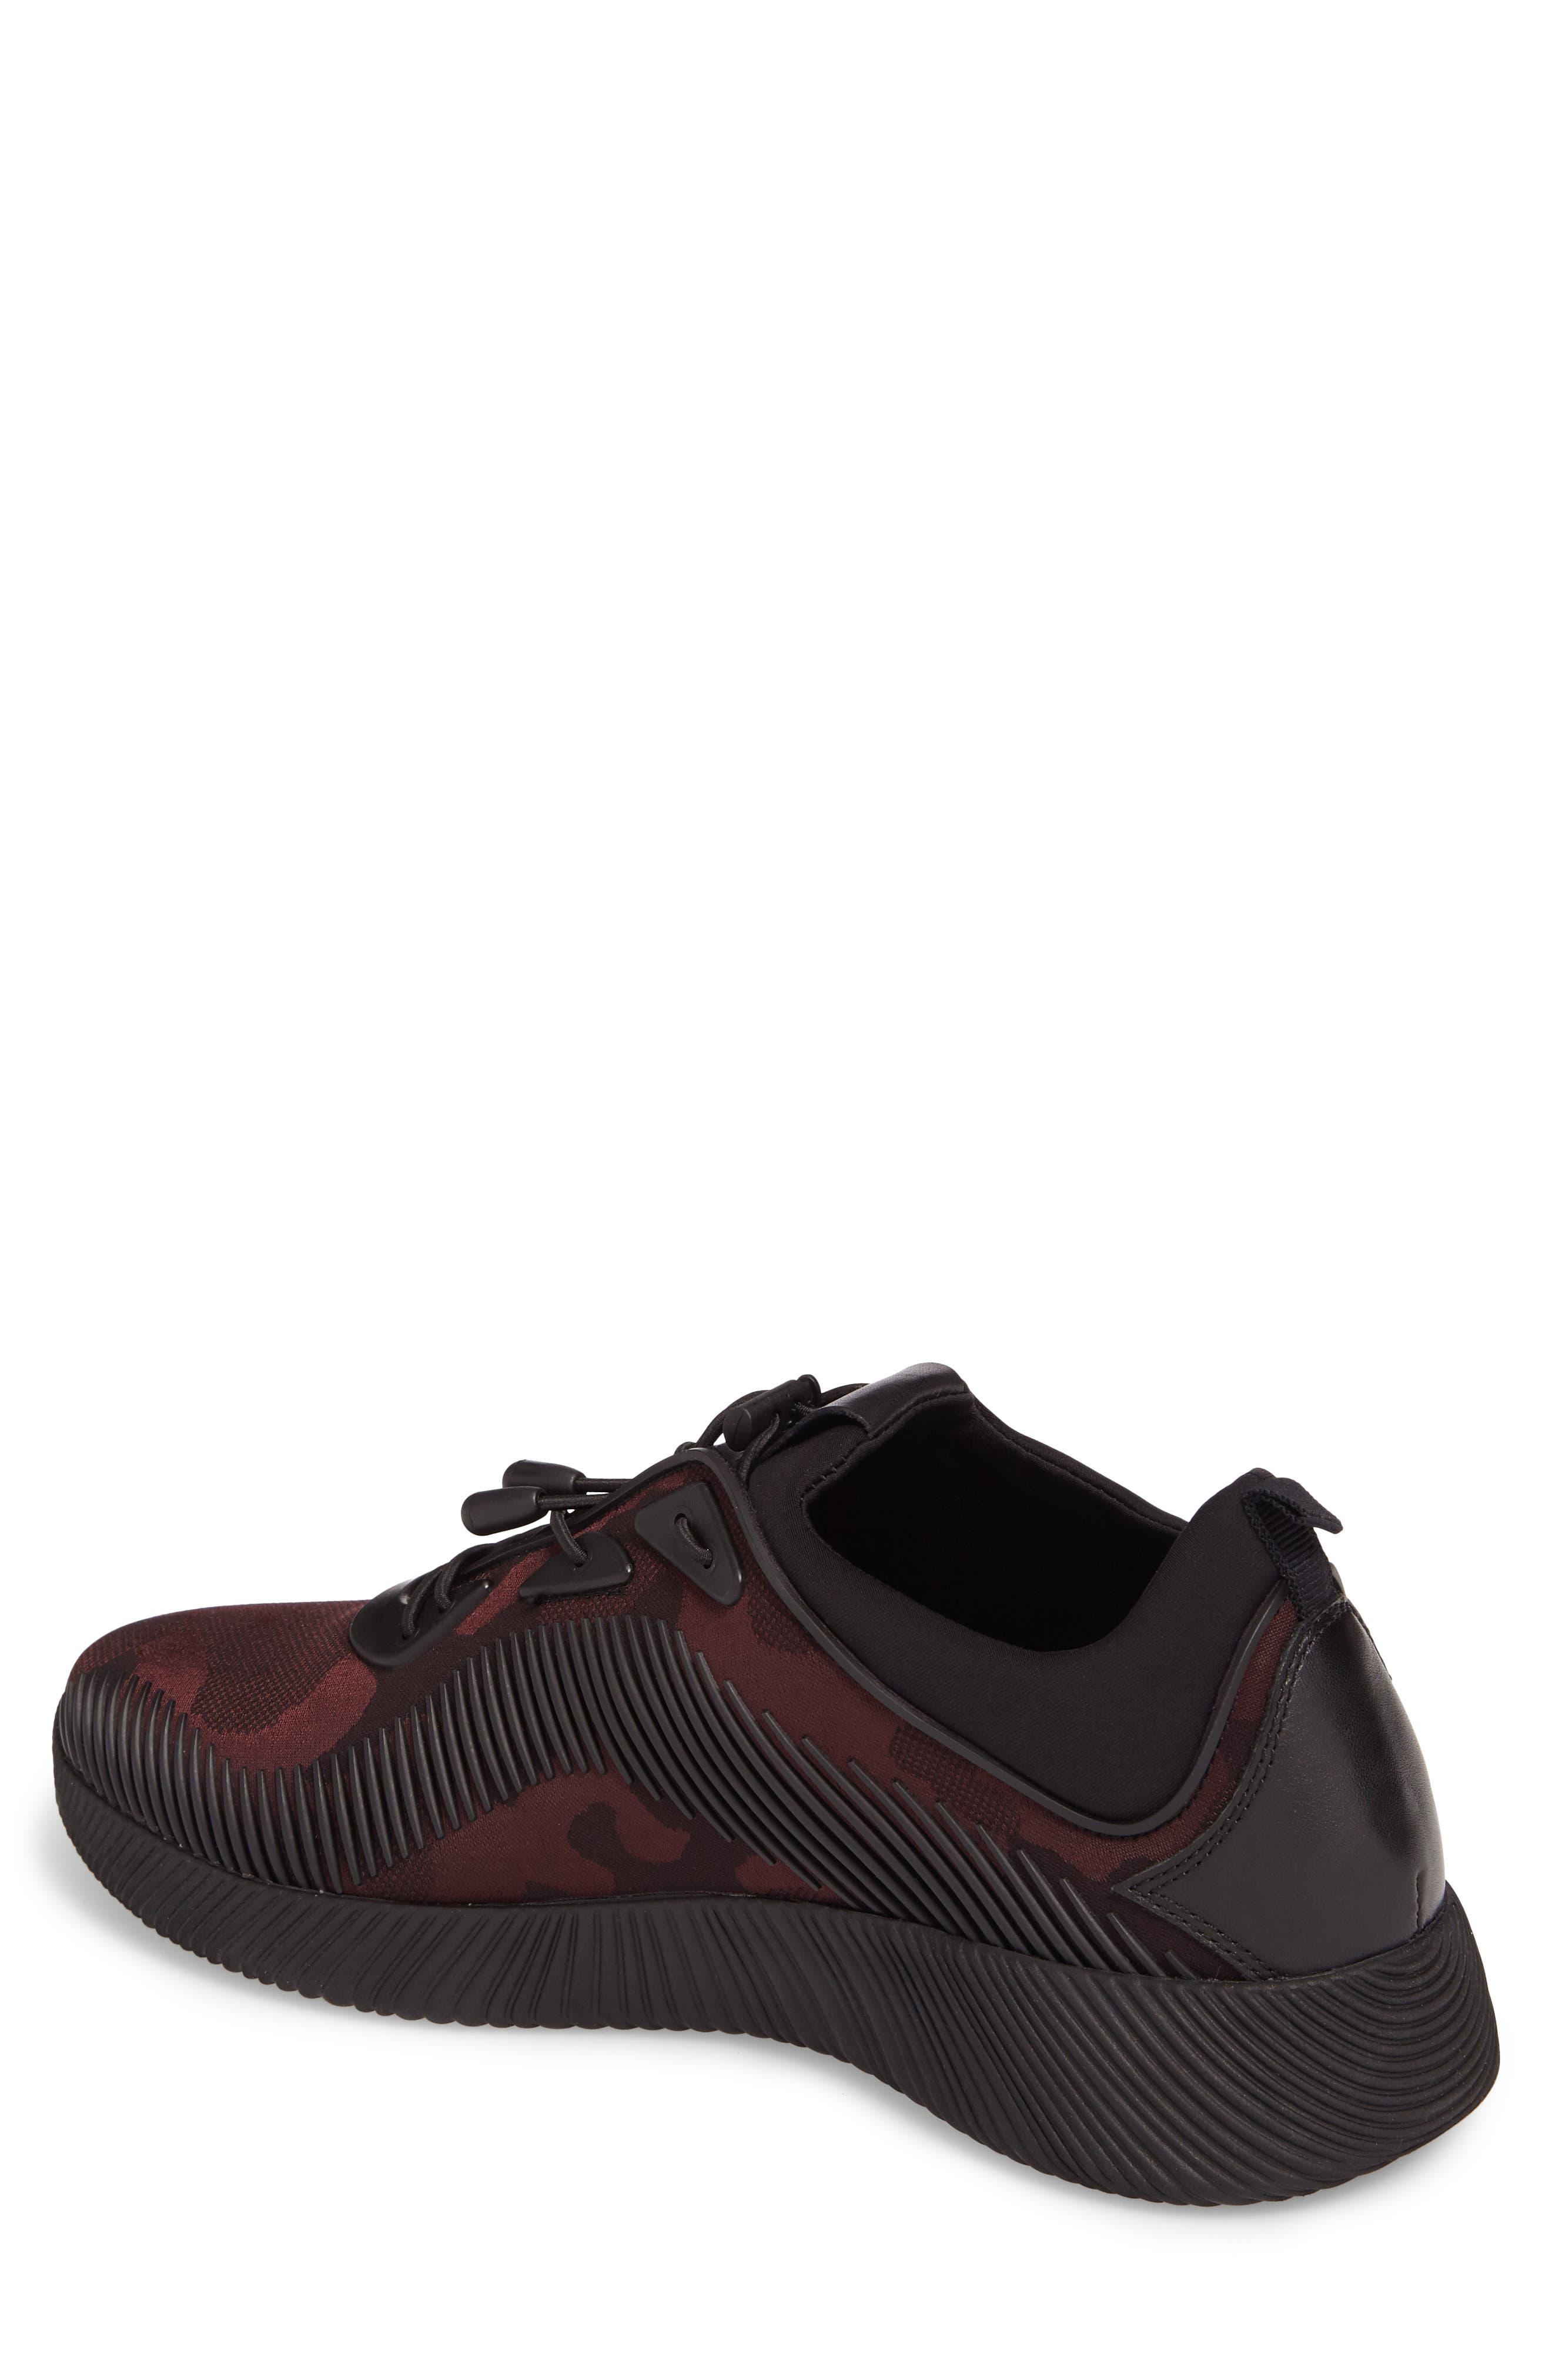 Sinch Sneaker,                             Alternate thumbnail 2, color,                             Bordeaux Fabric